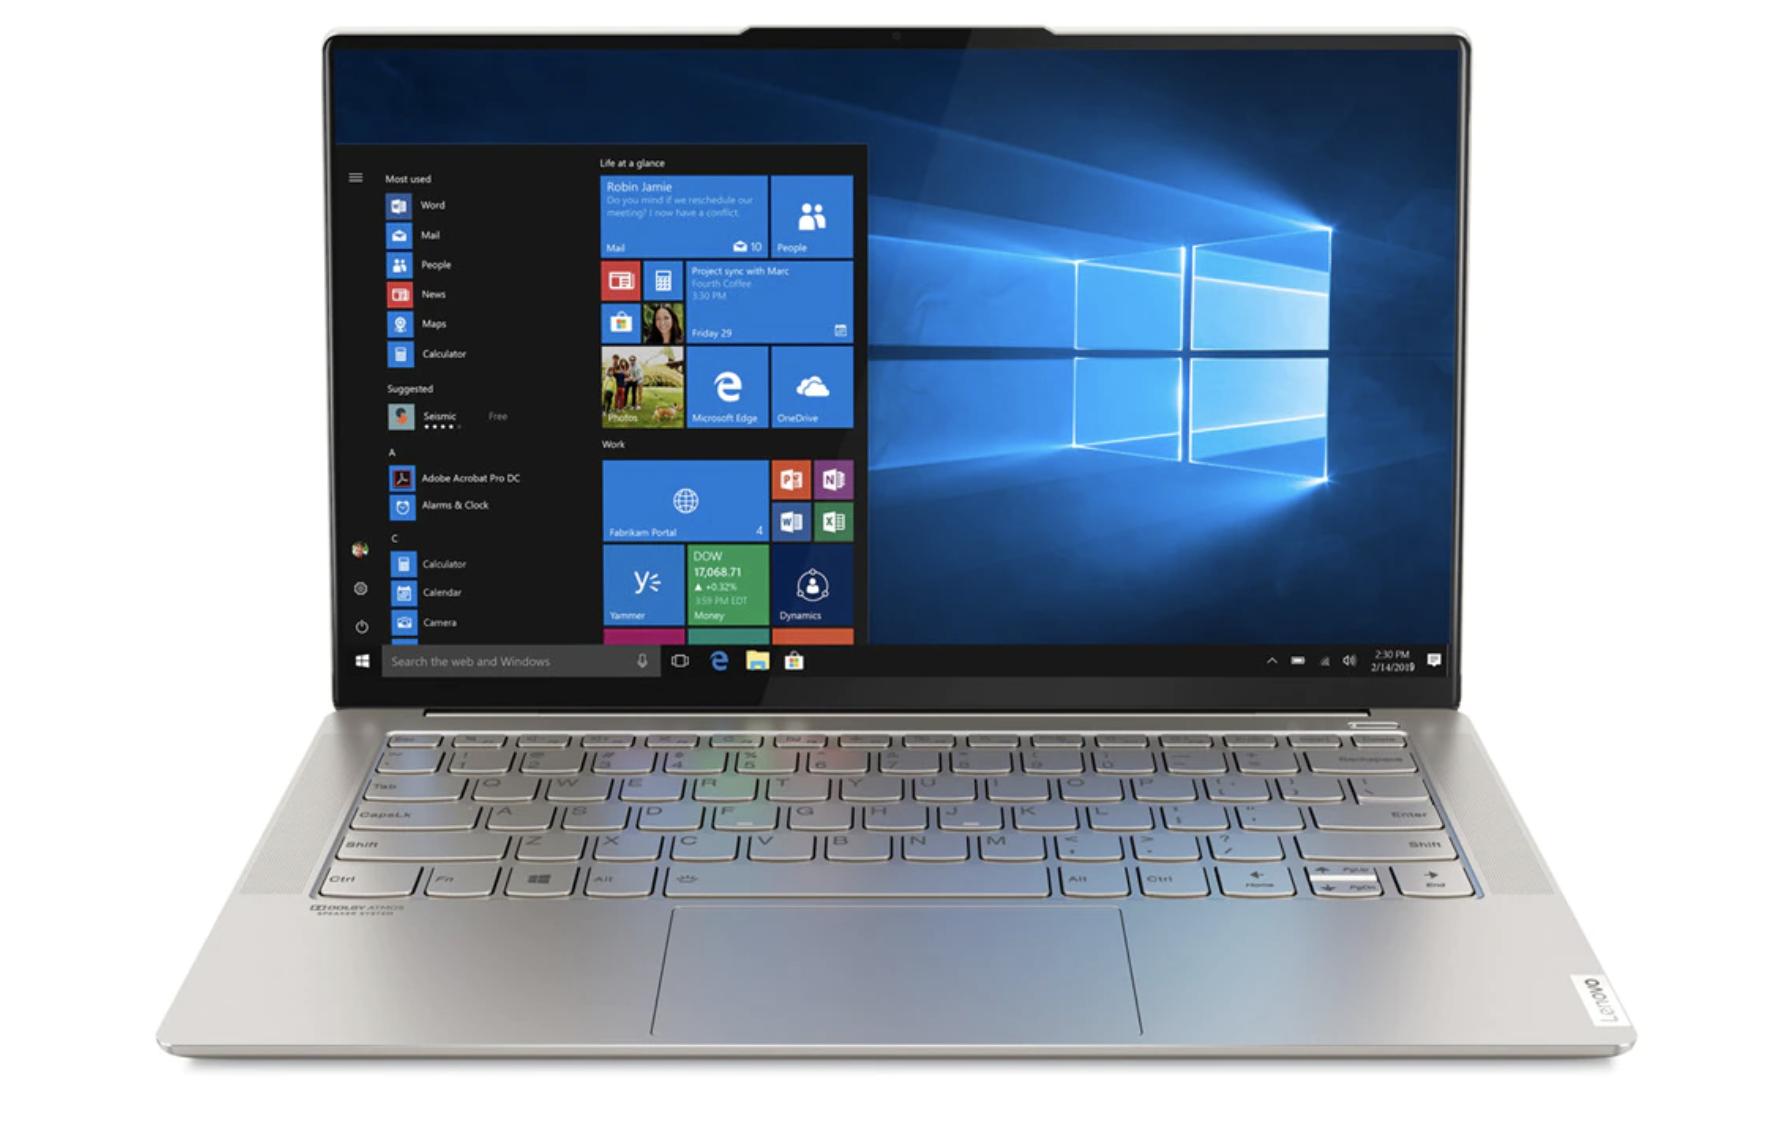 Lenovo Yoga S940-14, i7, 16 GB, 1 TB SSD